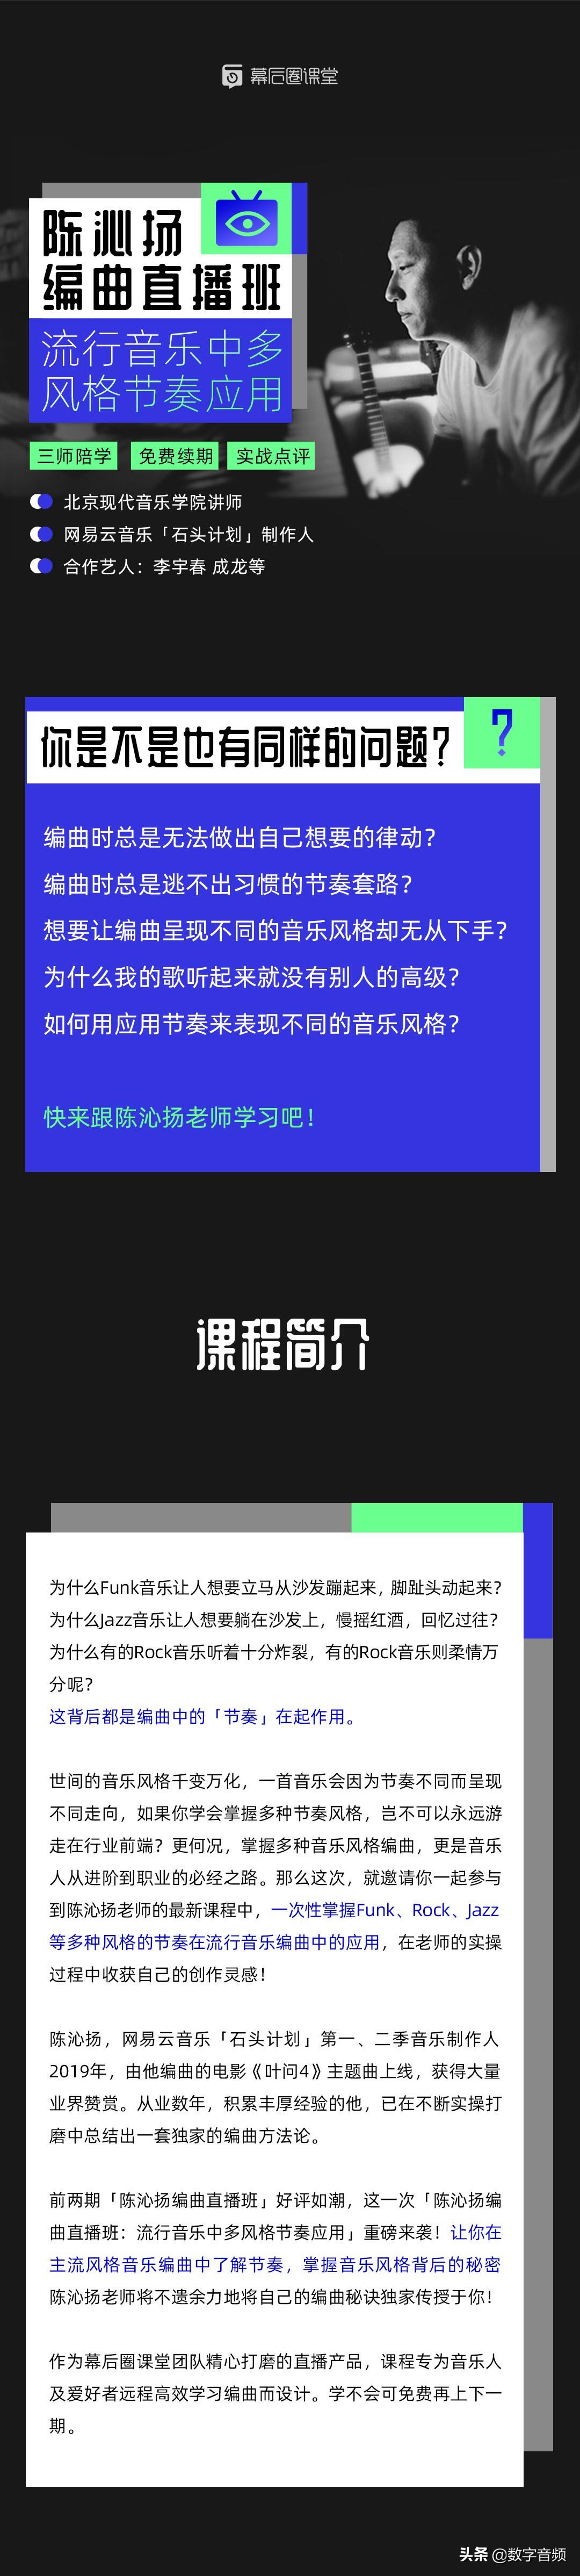 [超值千元教程]陈-沁-扬:流行音乐中多风格节奏应用(视频无加密)